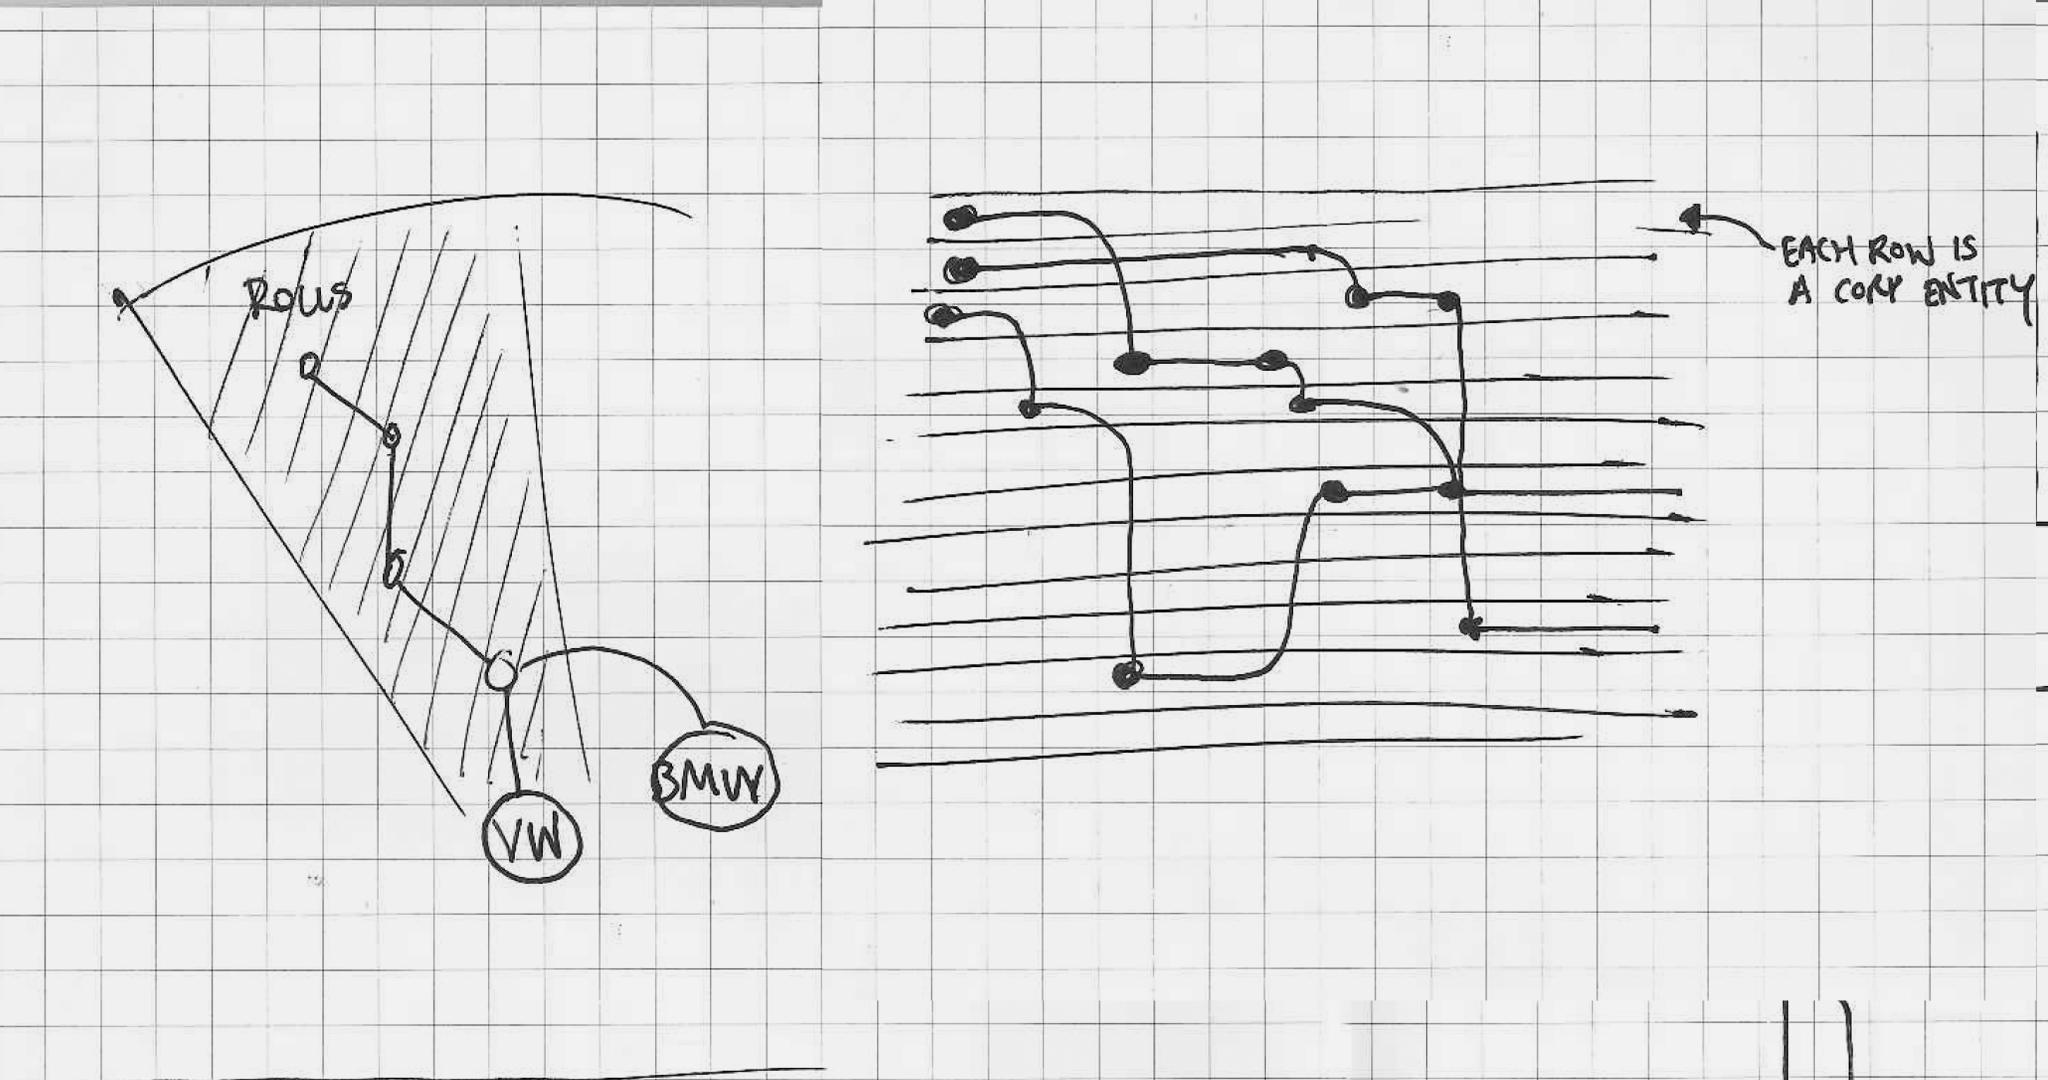 TC_Exotic-Car-Marques-Sketches-2